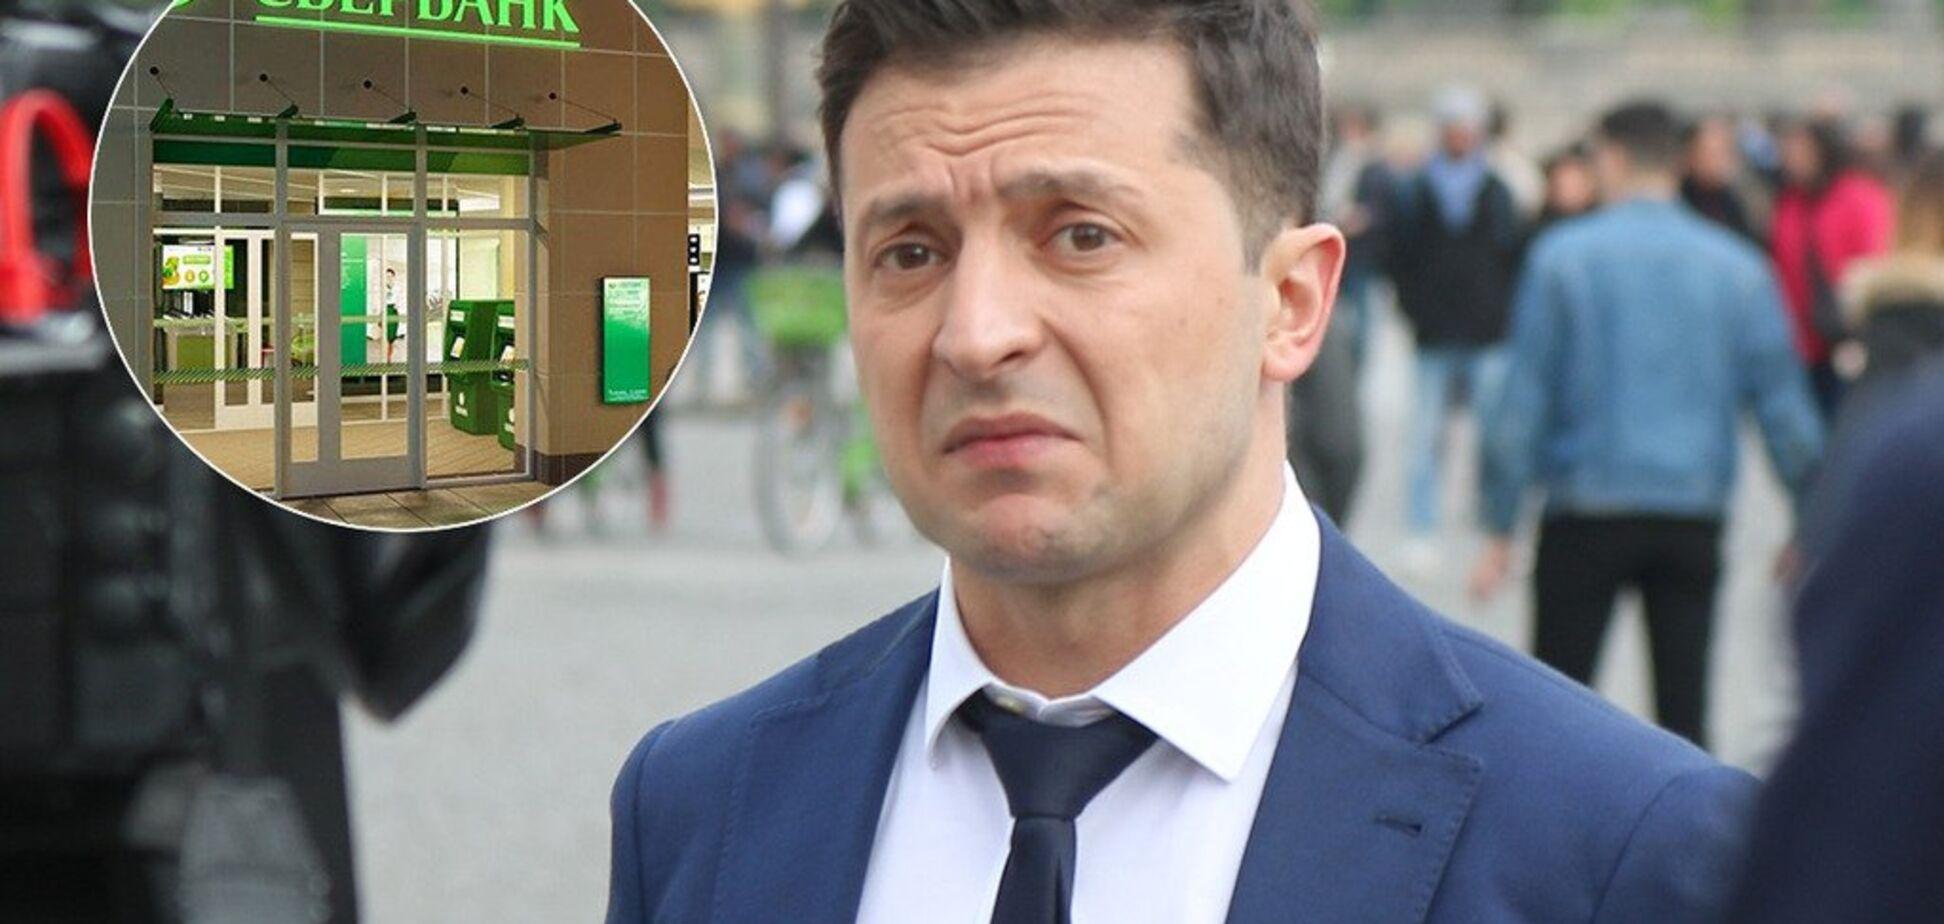 Друг Путіна звернувся до Зеленського через російський банк